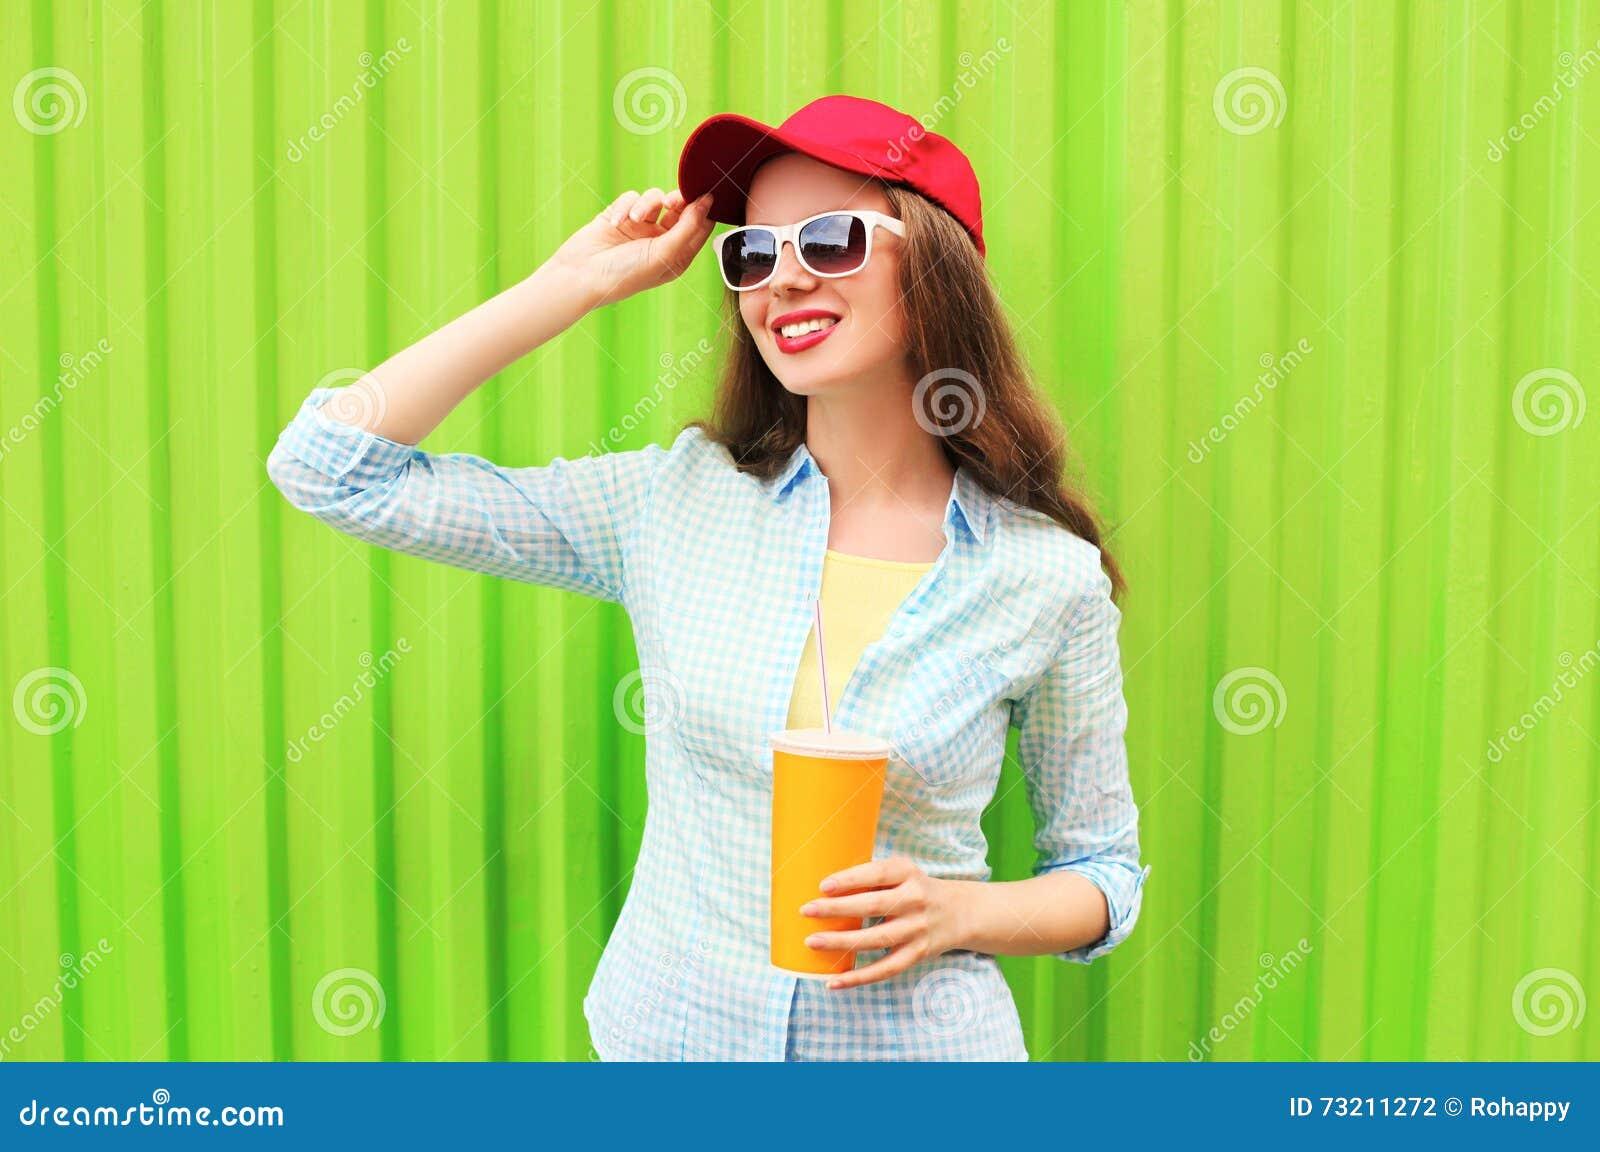 Dosyć uśmiechać się kobiety w okularach przeciwsłonecznych z filiżanką owocowy sok nad kolorową zielenią